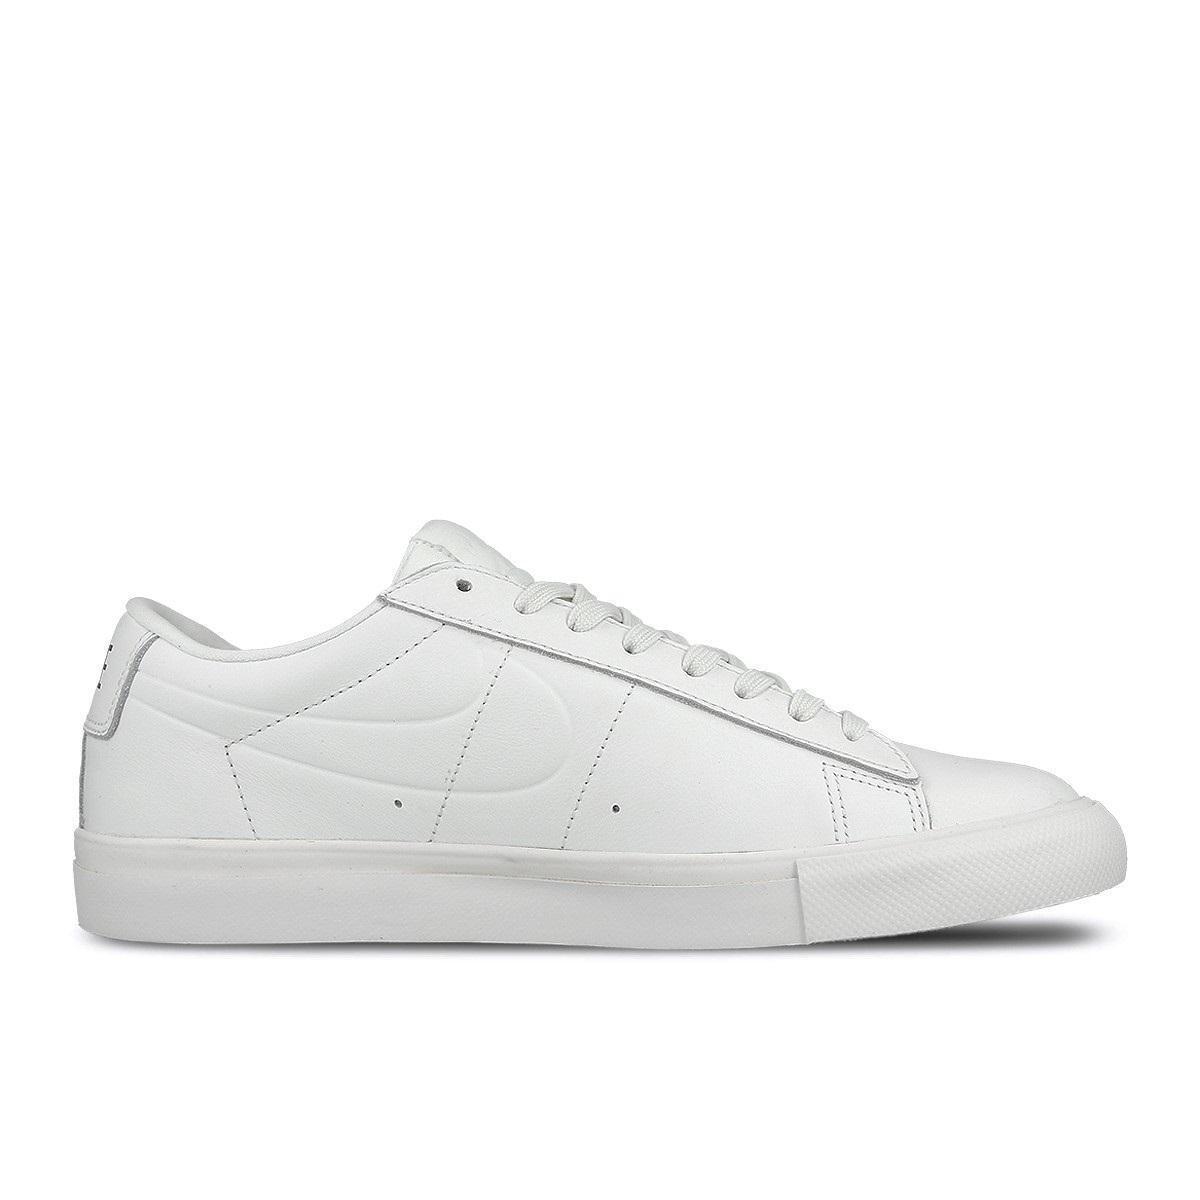 Homme Nike Blazer Faible Cuir Blanc paniers 371760 109